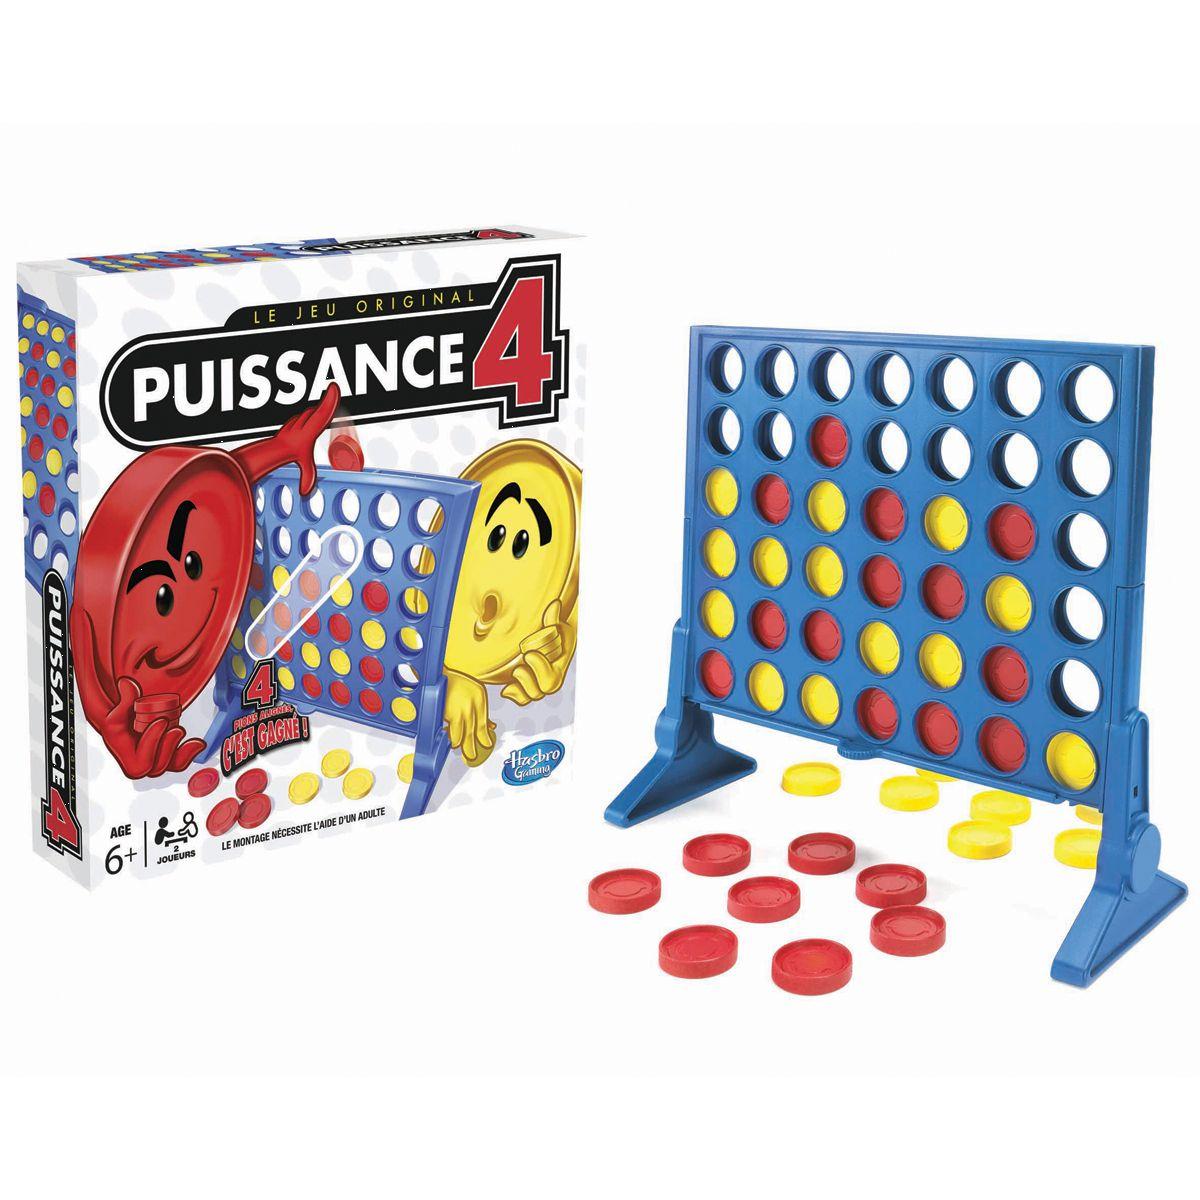 Jeu De Stratégie Puissance 4 - Jeux De Société Et Puzzles intérieur Jeux Du Puissance 4